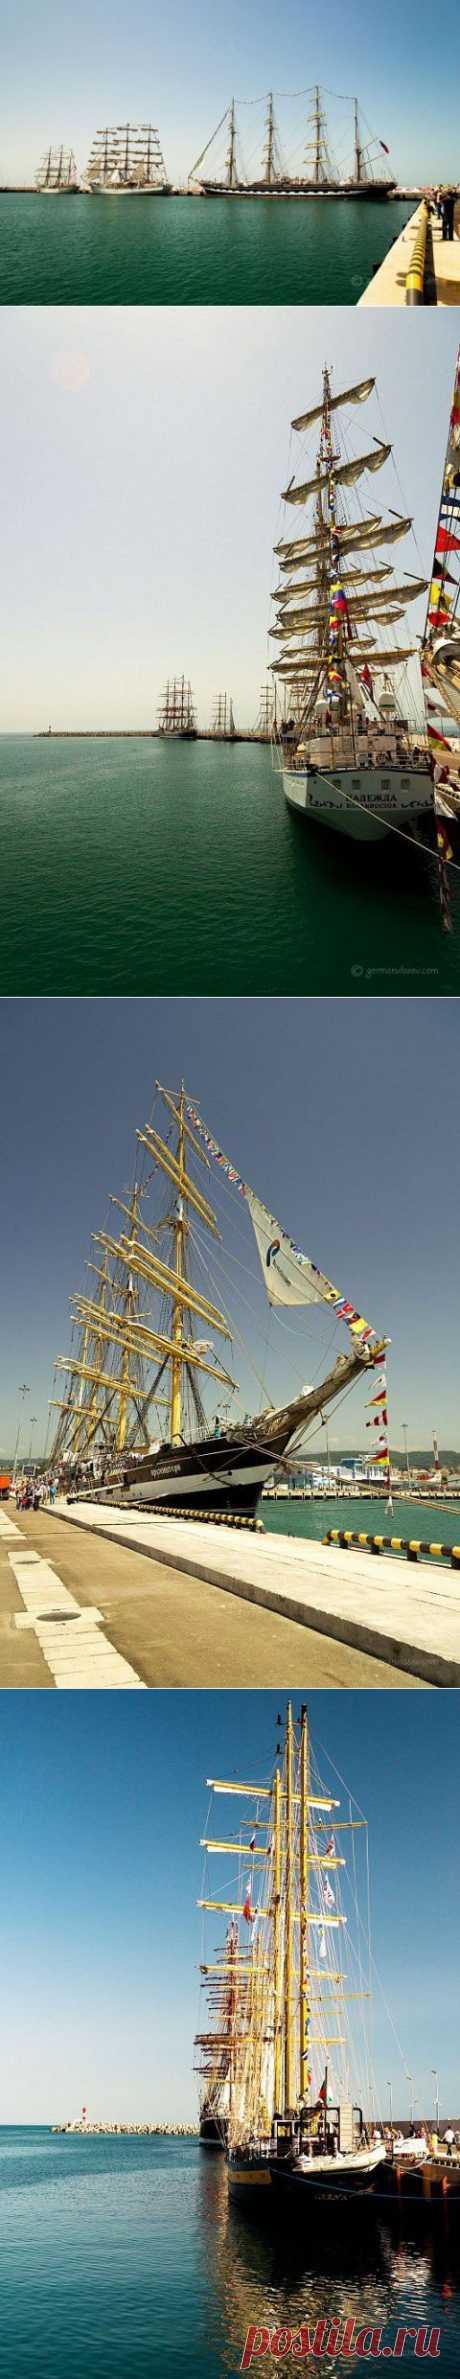 (+1) тема - Фотовпечатления от Черноморской регаты | ЛЮБИМЫЕ